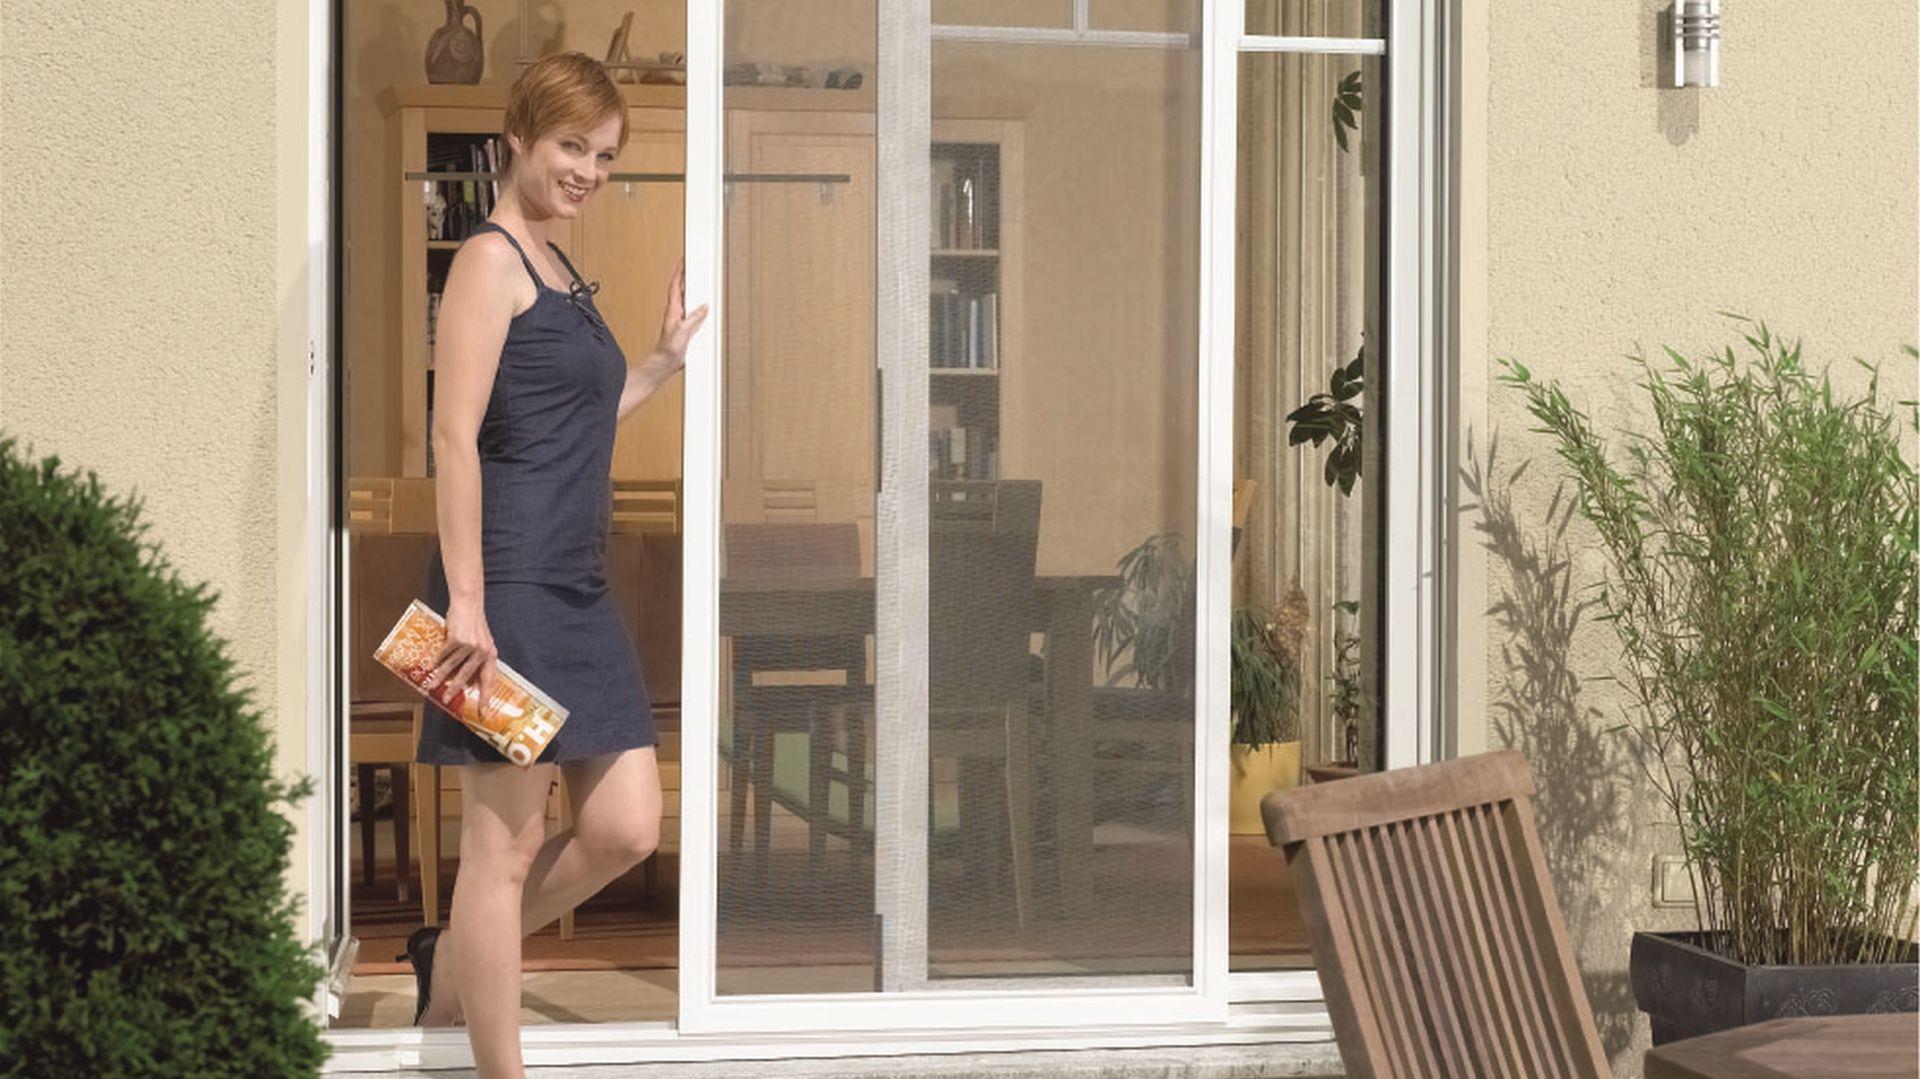 Zabezpieczenie okien przed owadami: moskitiera przesuwna. Fot. Awilux